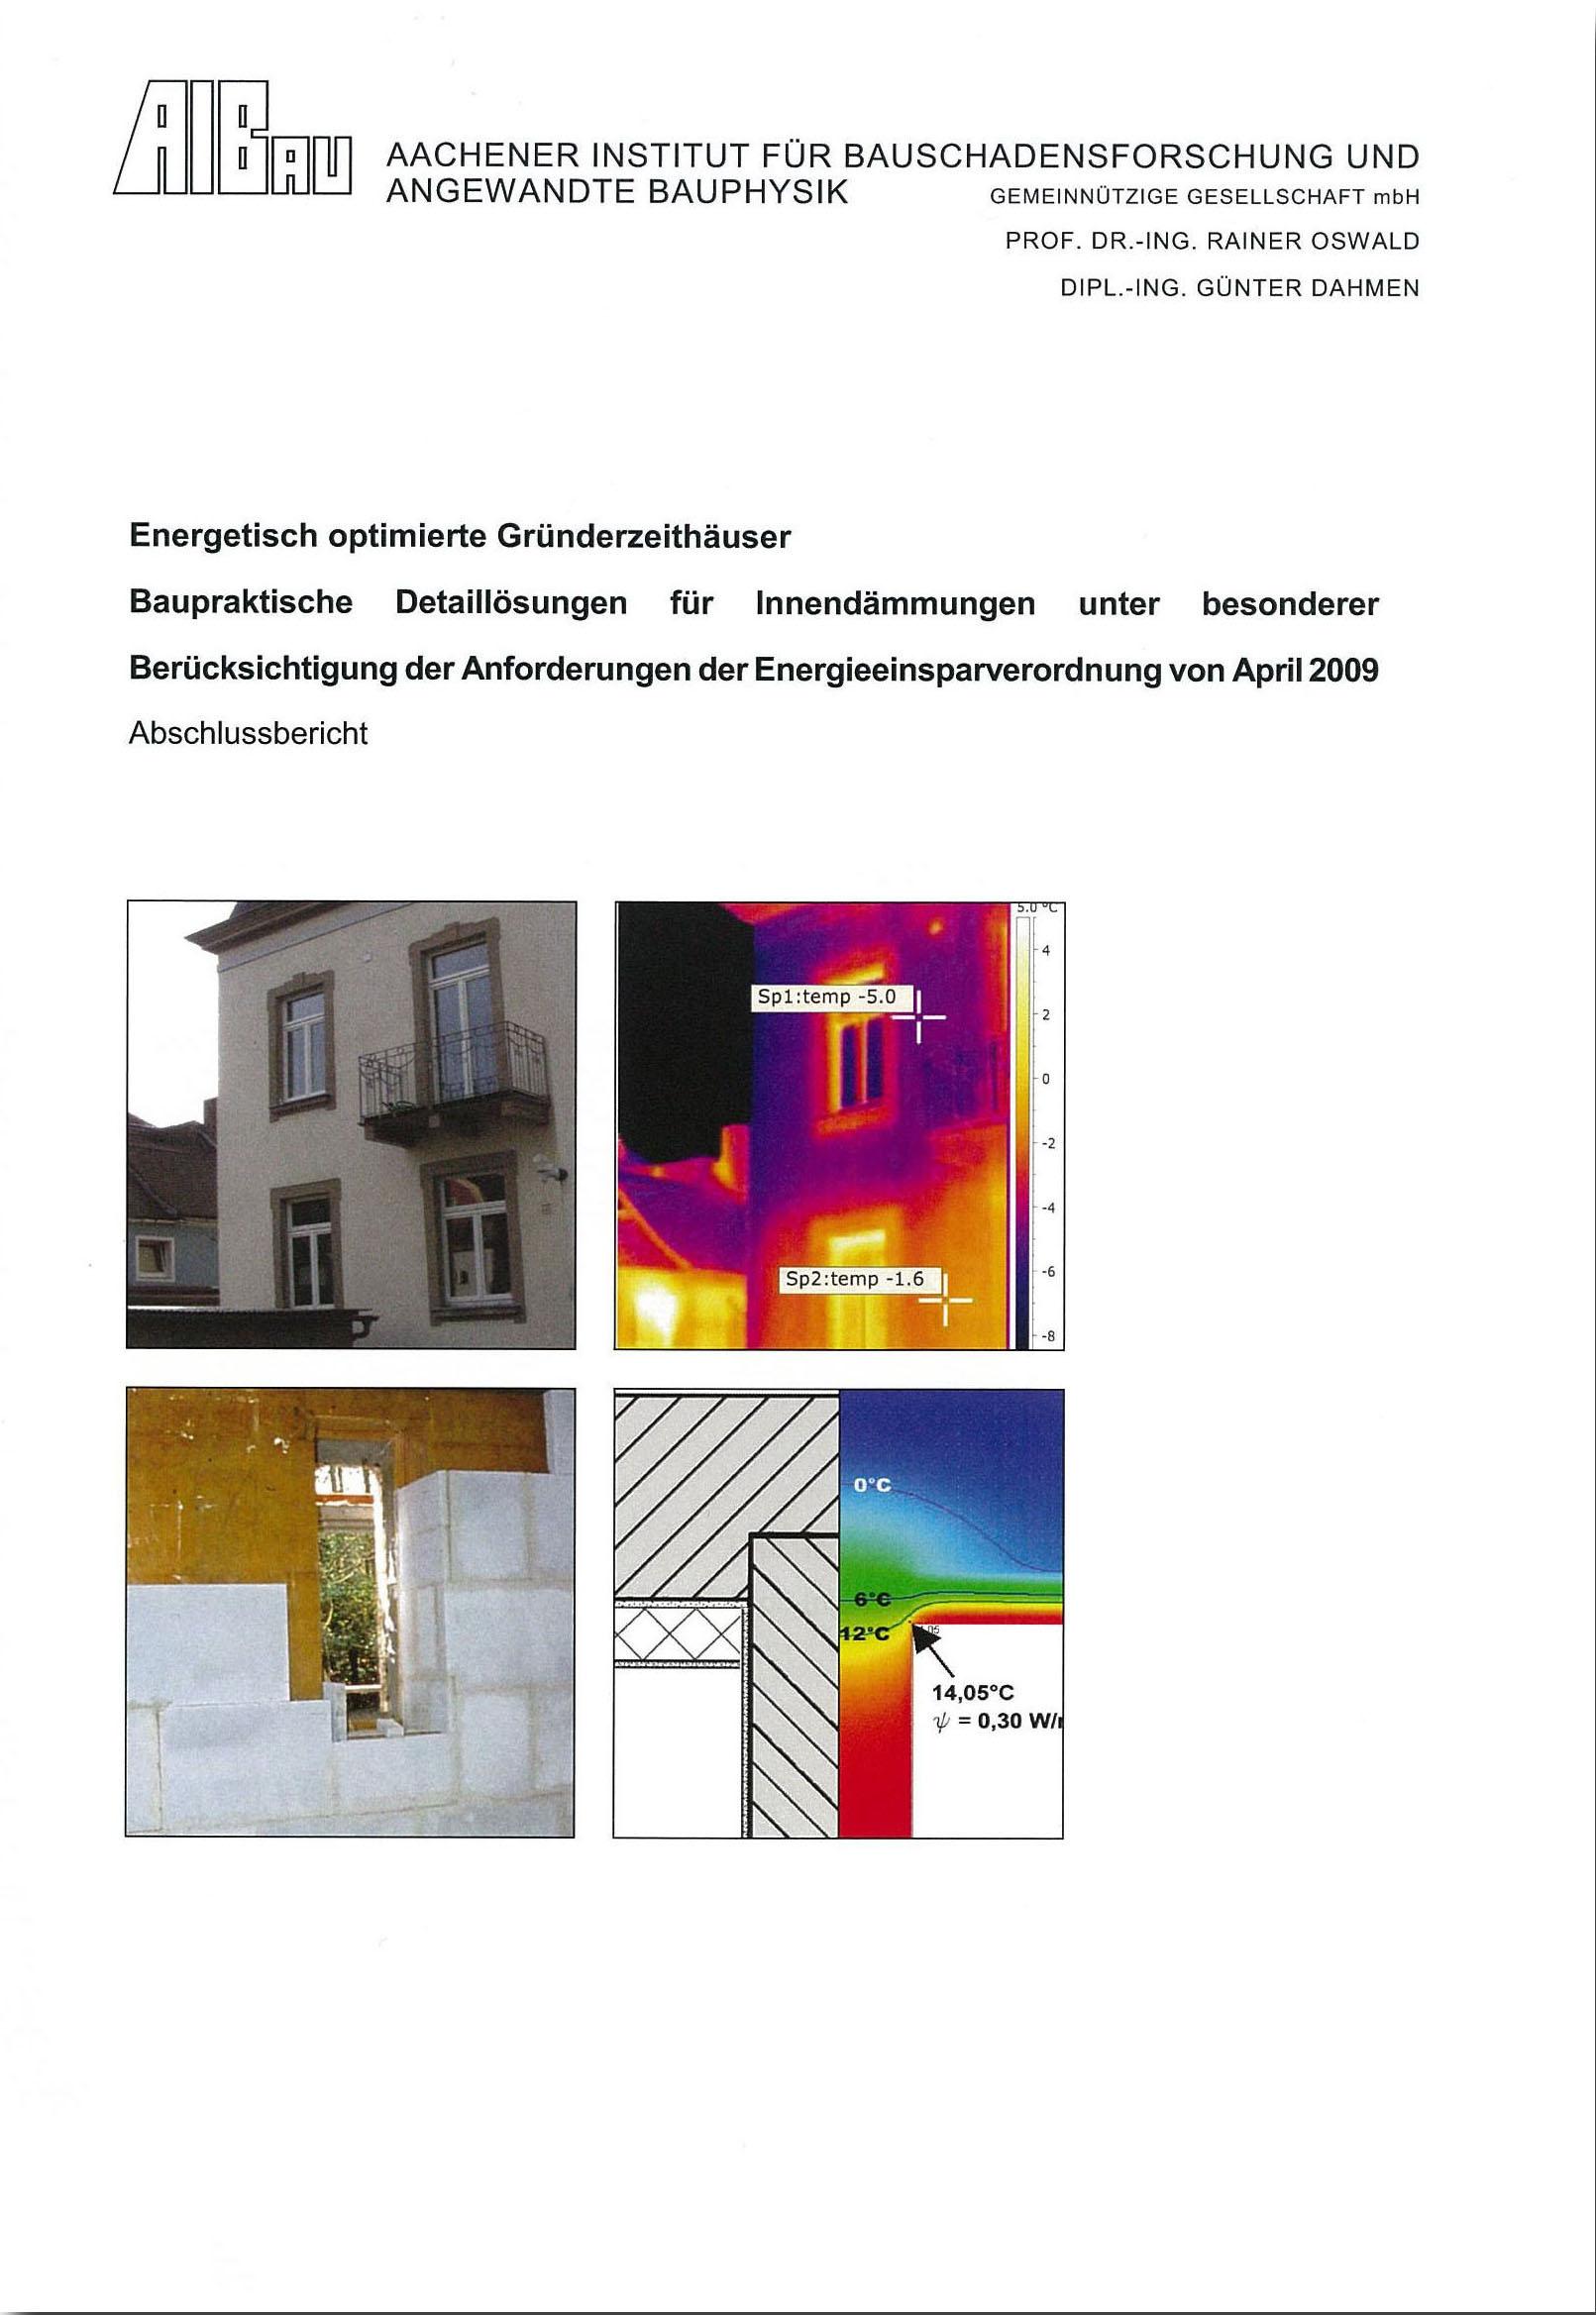 Energetisch optimierte Gründerzeithäuser – Detaillösungen für Innendämmungen unter besonderer Berücksichtigung der Anforderungen der ENEV 2009